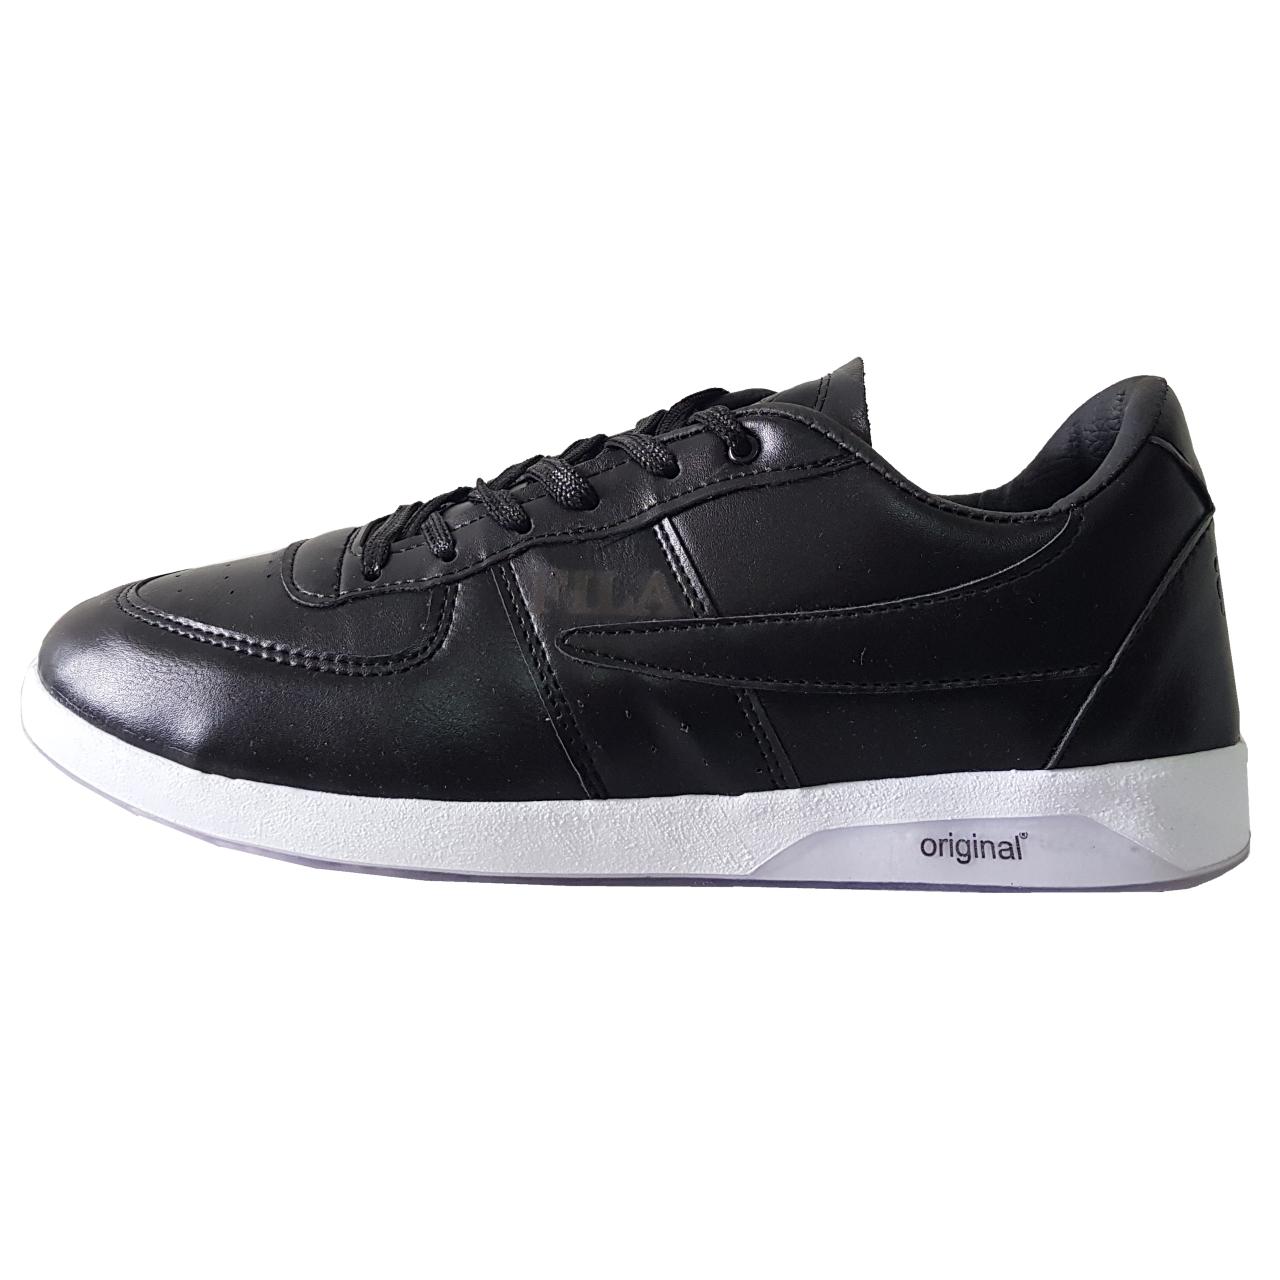 قیمت کفش مخصوص پیاده روی مردانه مدل زامورا کد 5011